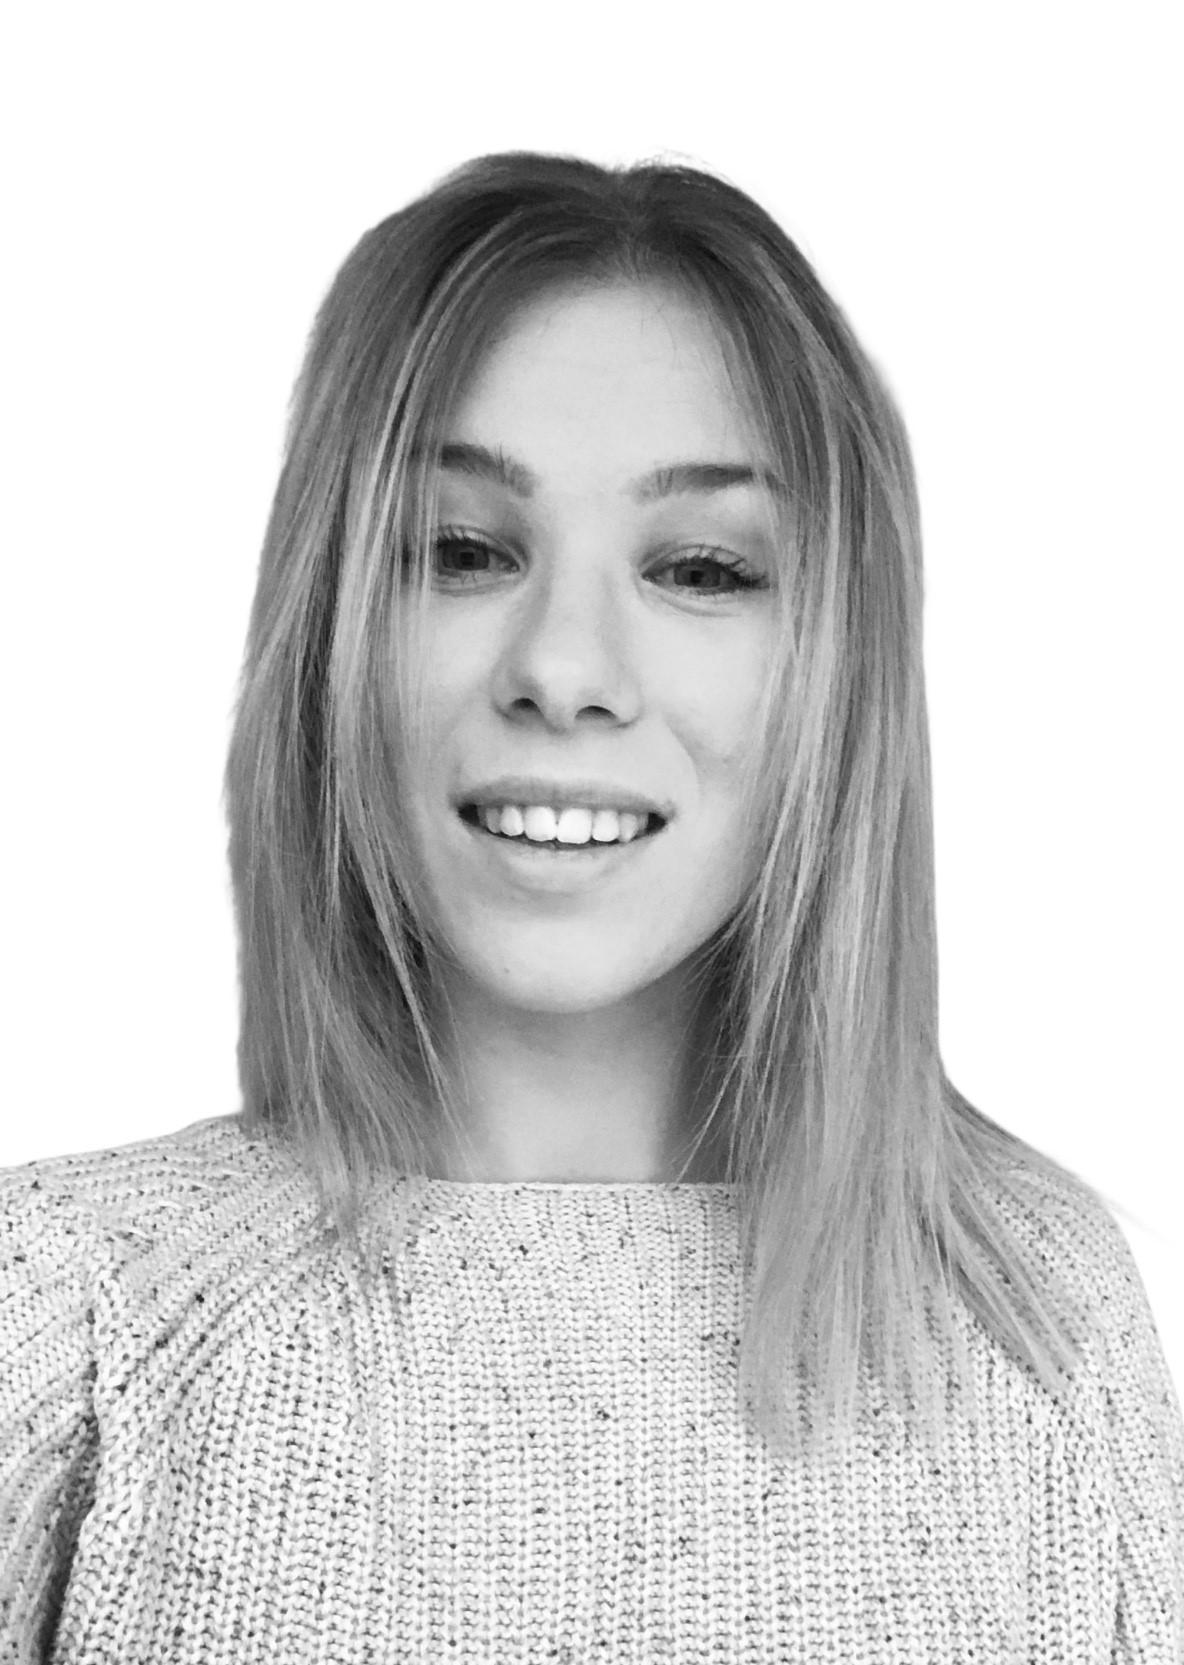 Amanda Pitkänen